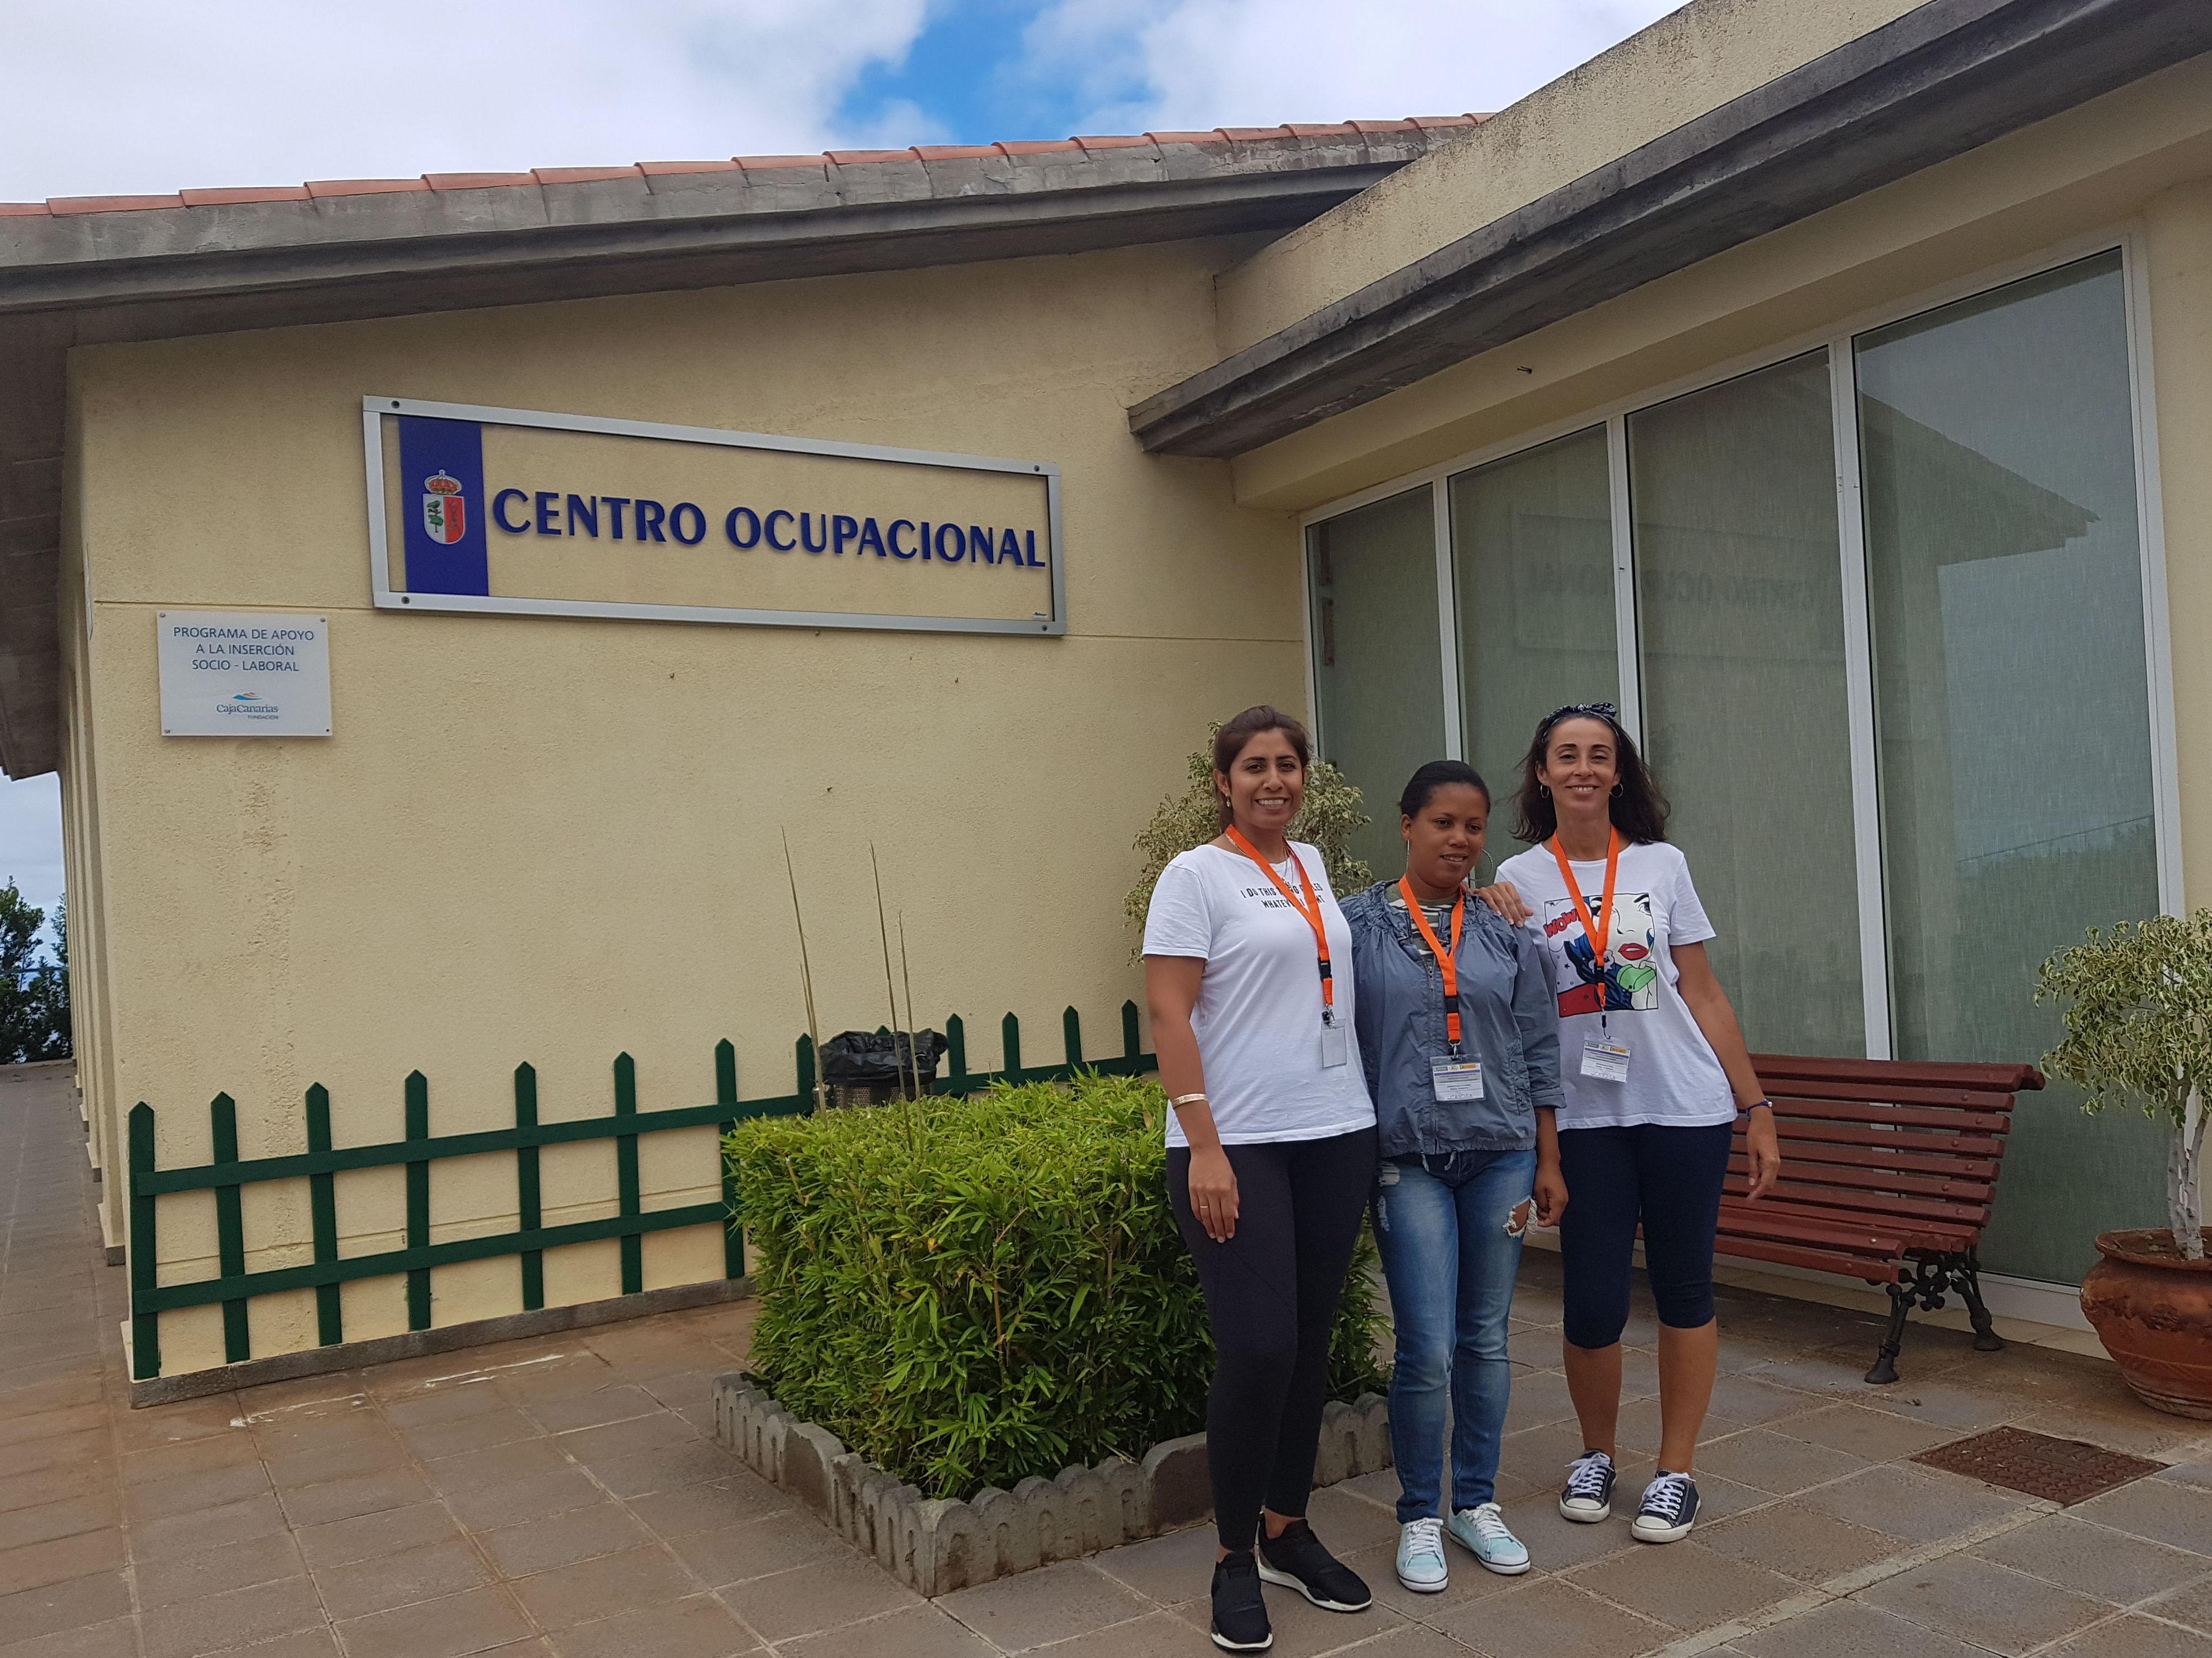 INTERVENCIÓN DIRECTA EN OCIO EN EL CENTRO OCUPACIONAL DE LA VICTORIA: Proyectos y Servicios de Asociación Domitila